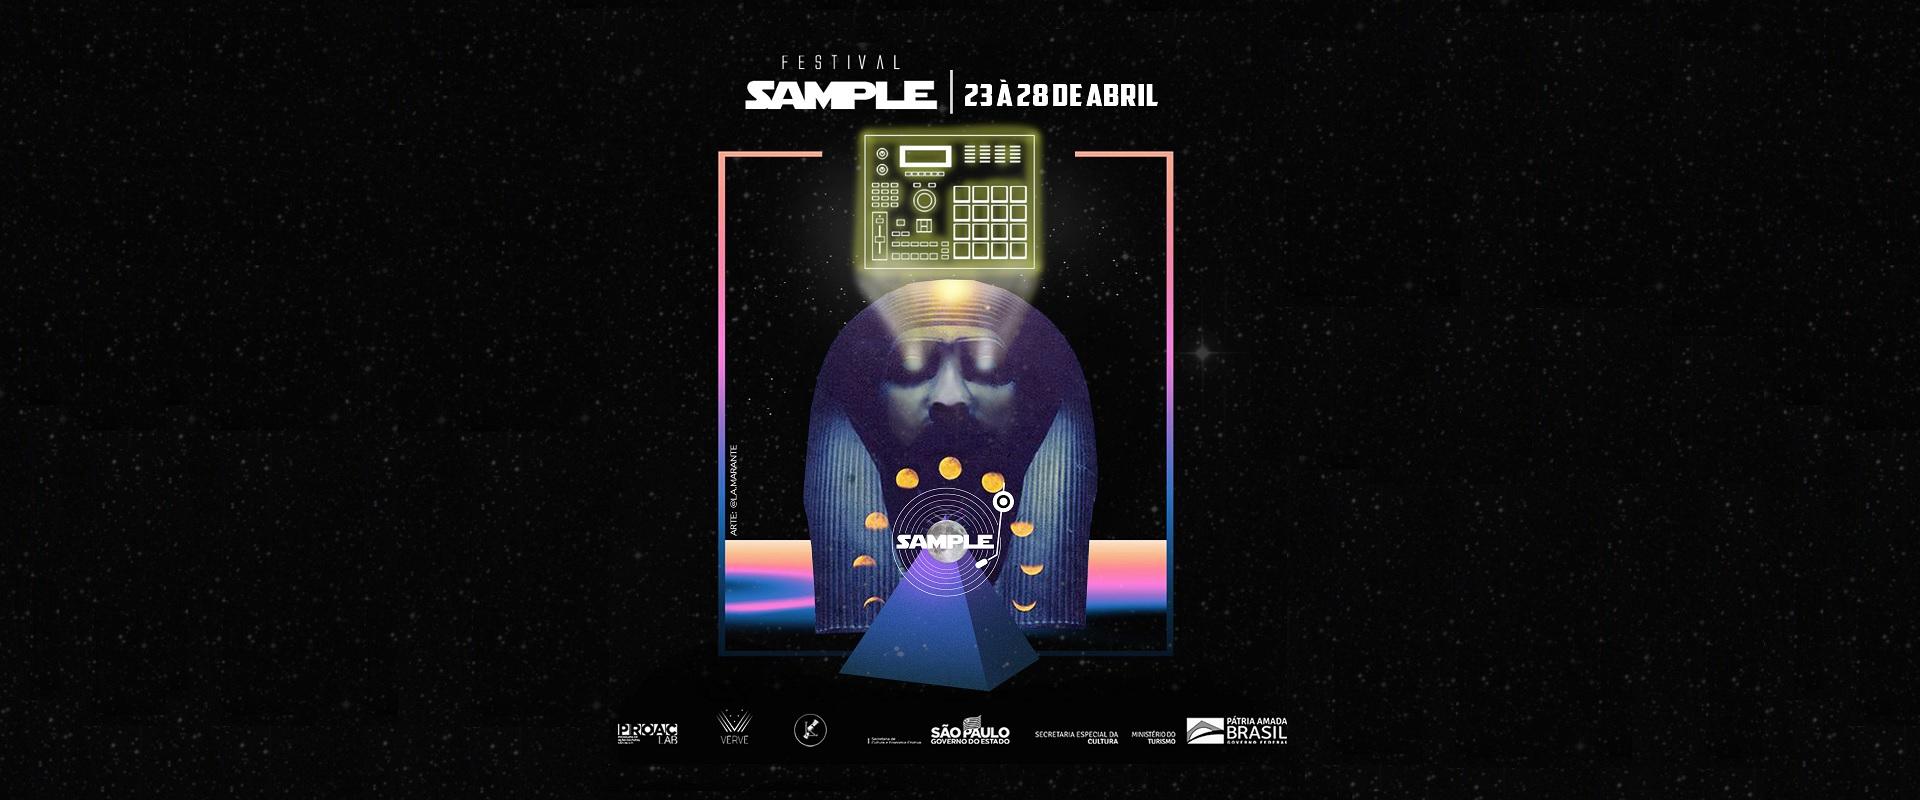 DJS E PRODUTORES EXPLICAM O USO DO SAMPLE EM FESTIVAL VIRTUAL